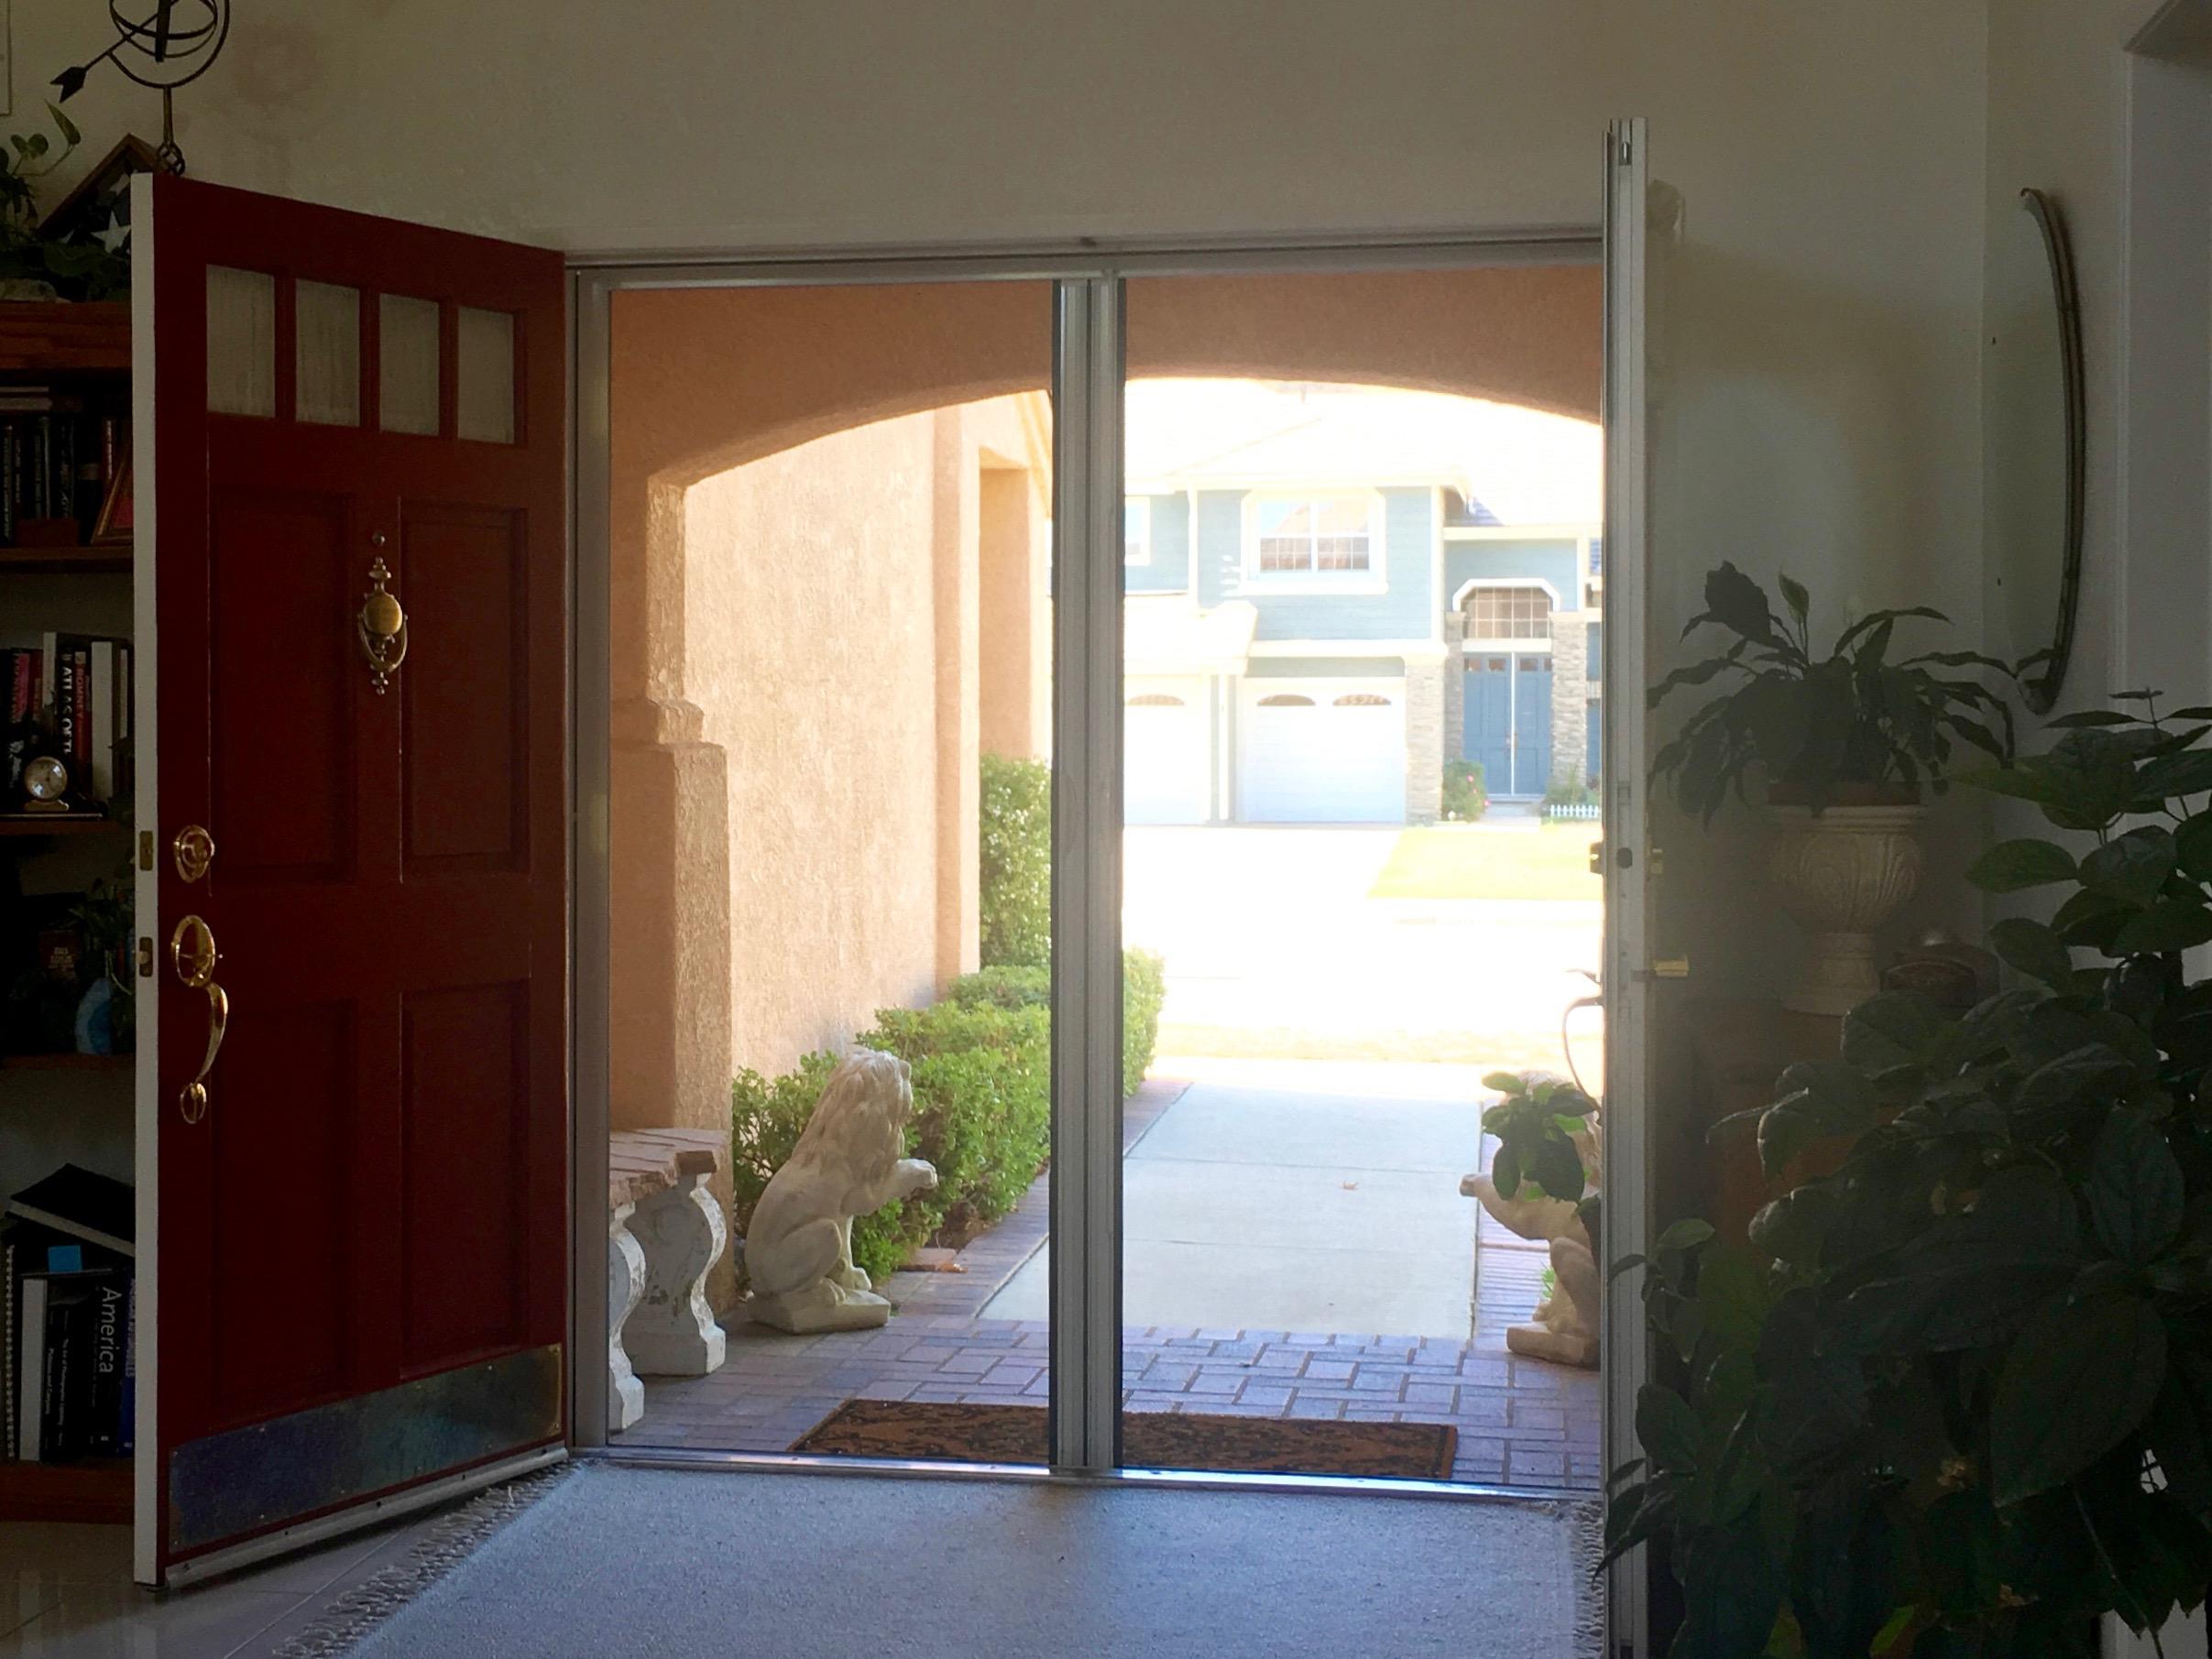 Genius Retractable Screen Doors - Simple Sojourns